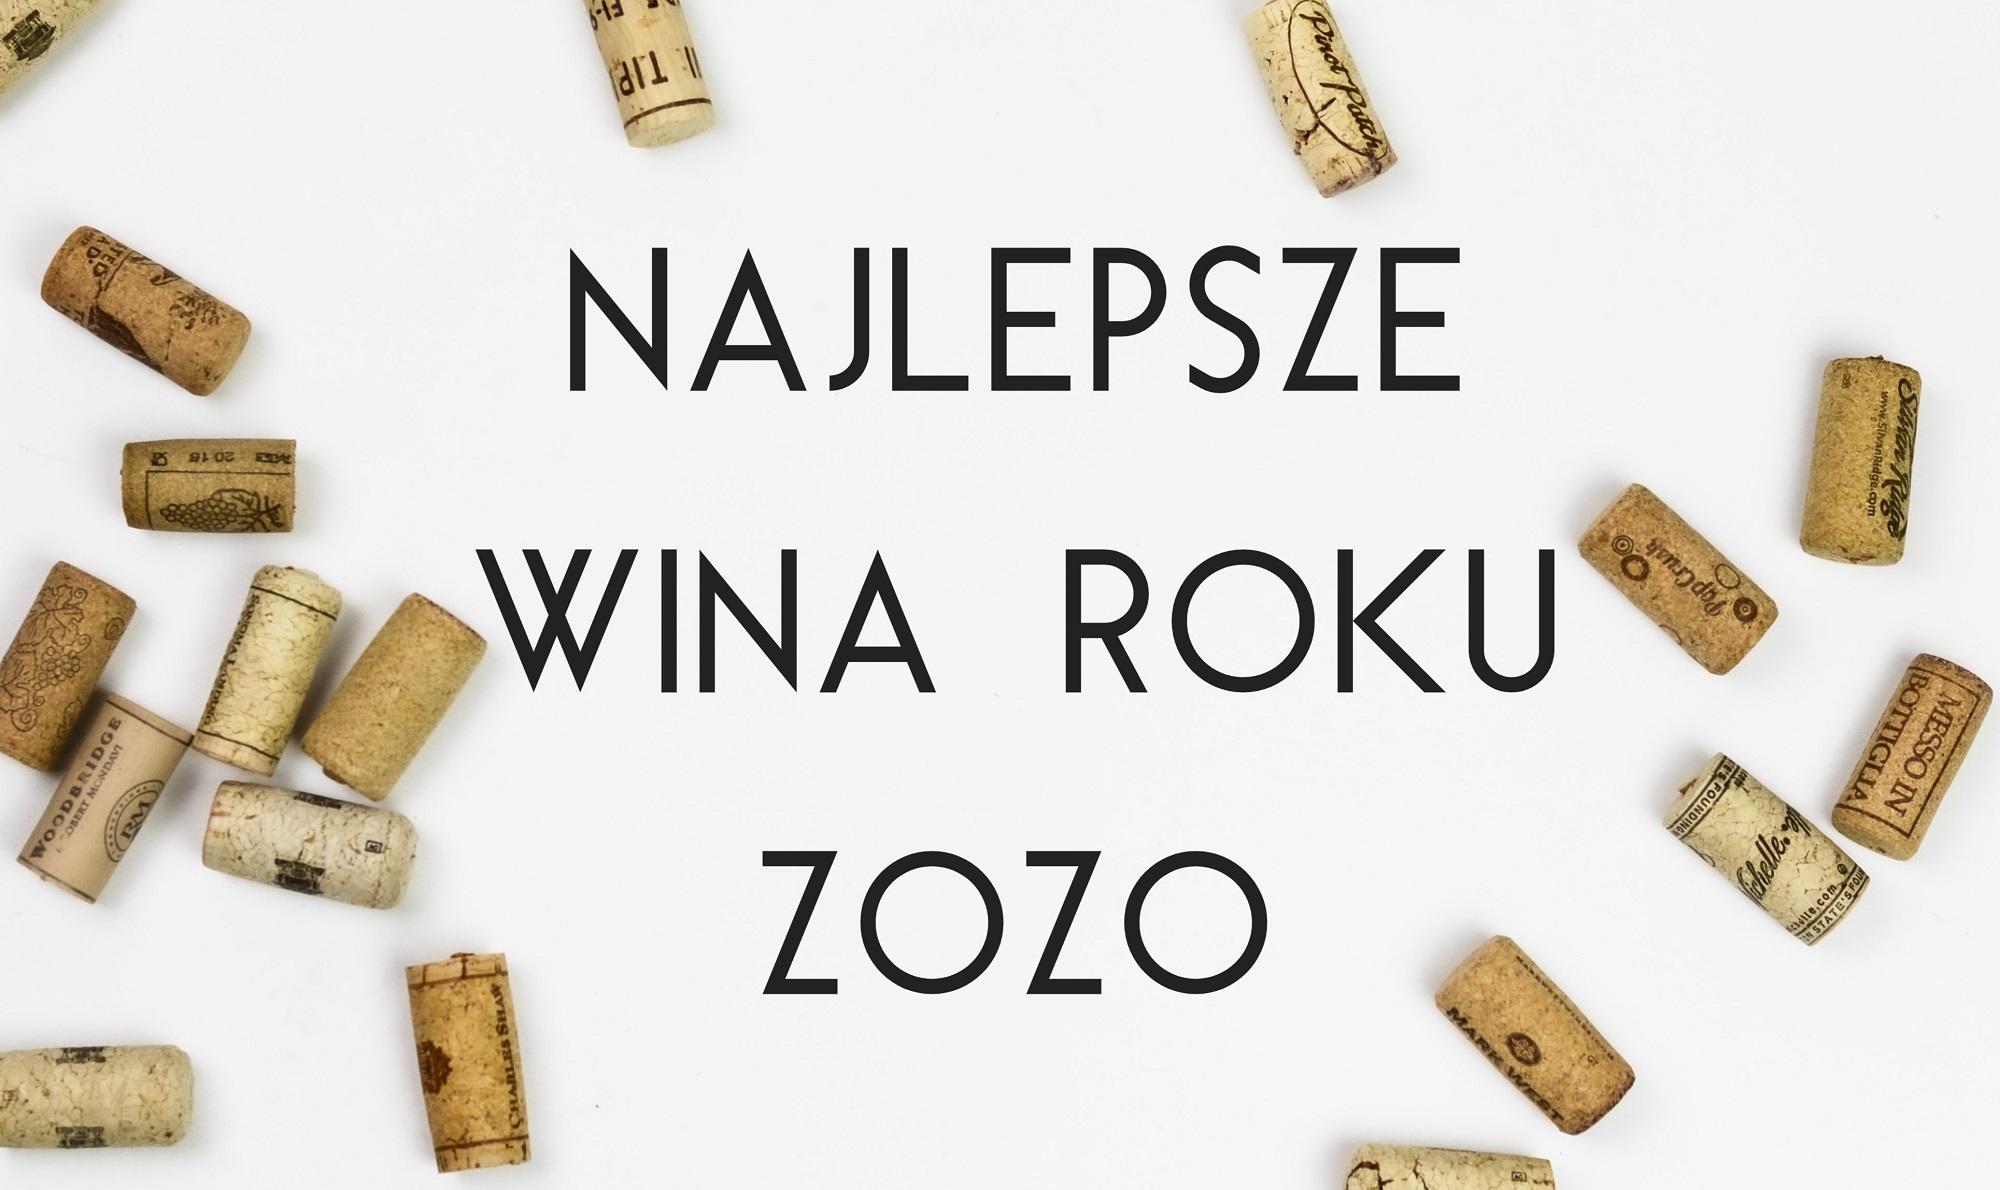 najlepsze wina 2020 roku